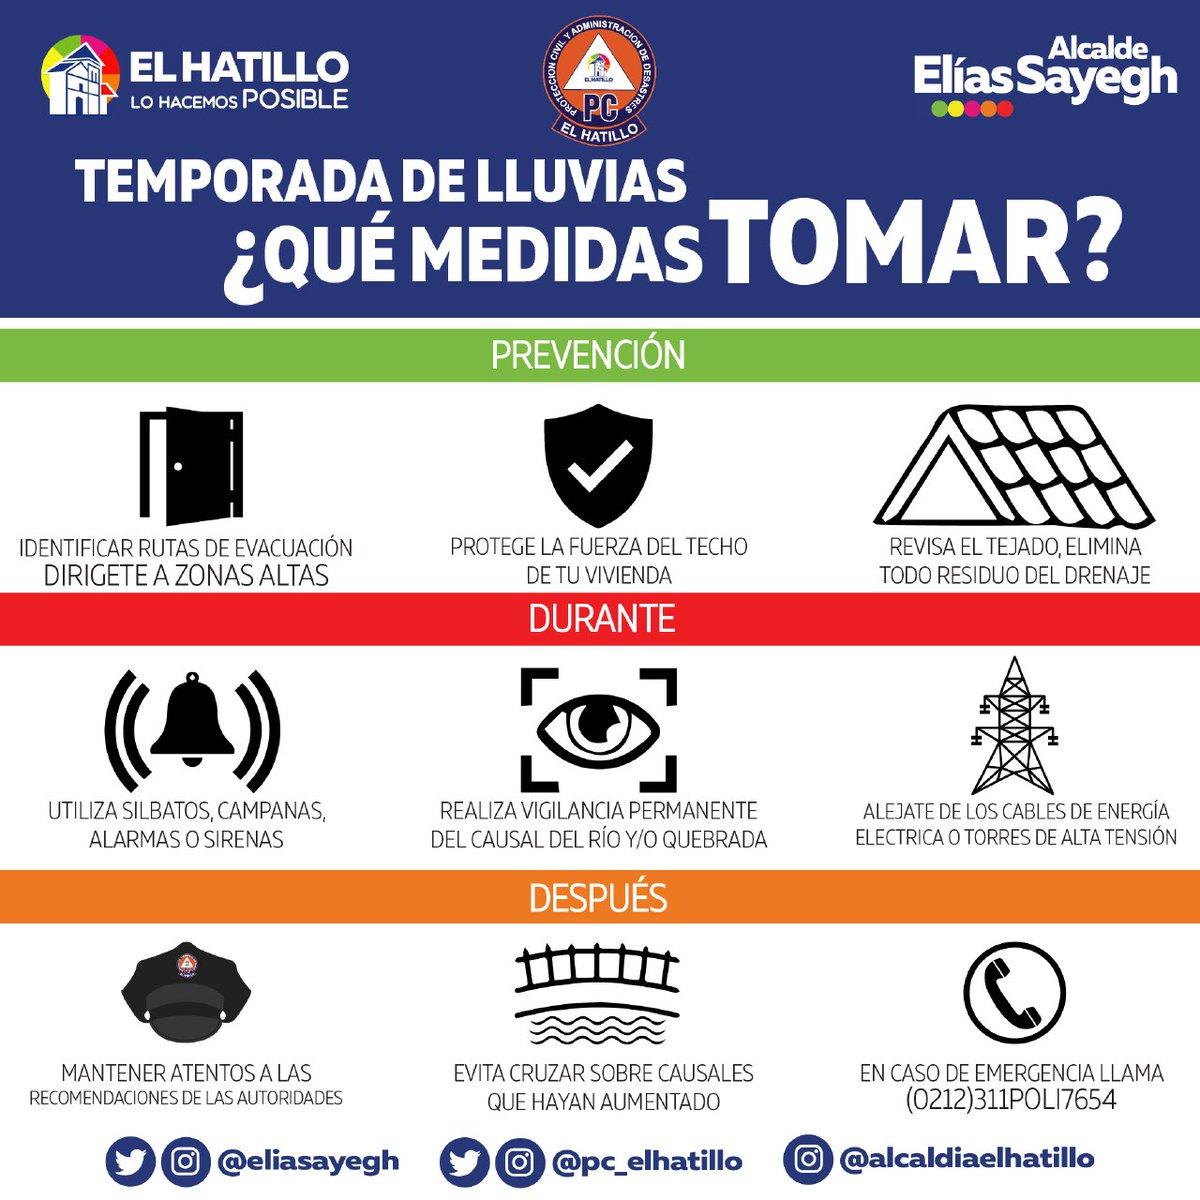 #AlertaElHatillo Ante cualquier emergencia que se presente en nuestro municipio comuníquese al (0212)311-POLI(7654) #ElHatilloSeguro https://t.co/OjbaXh5Woa